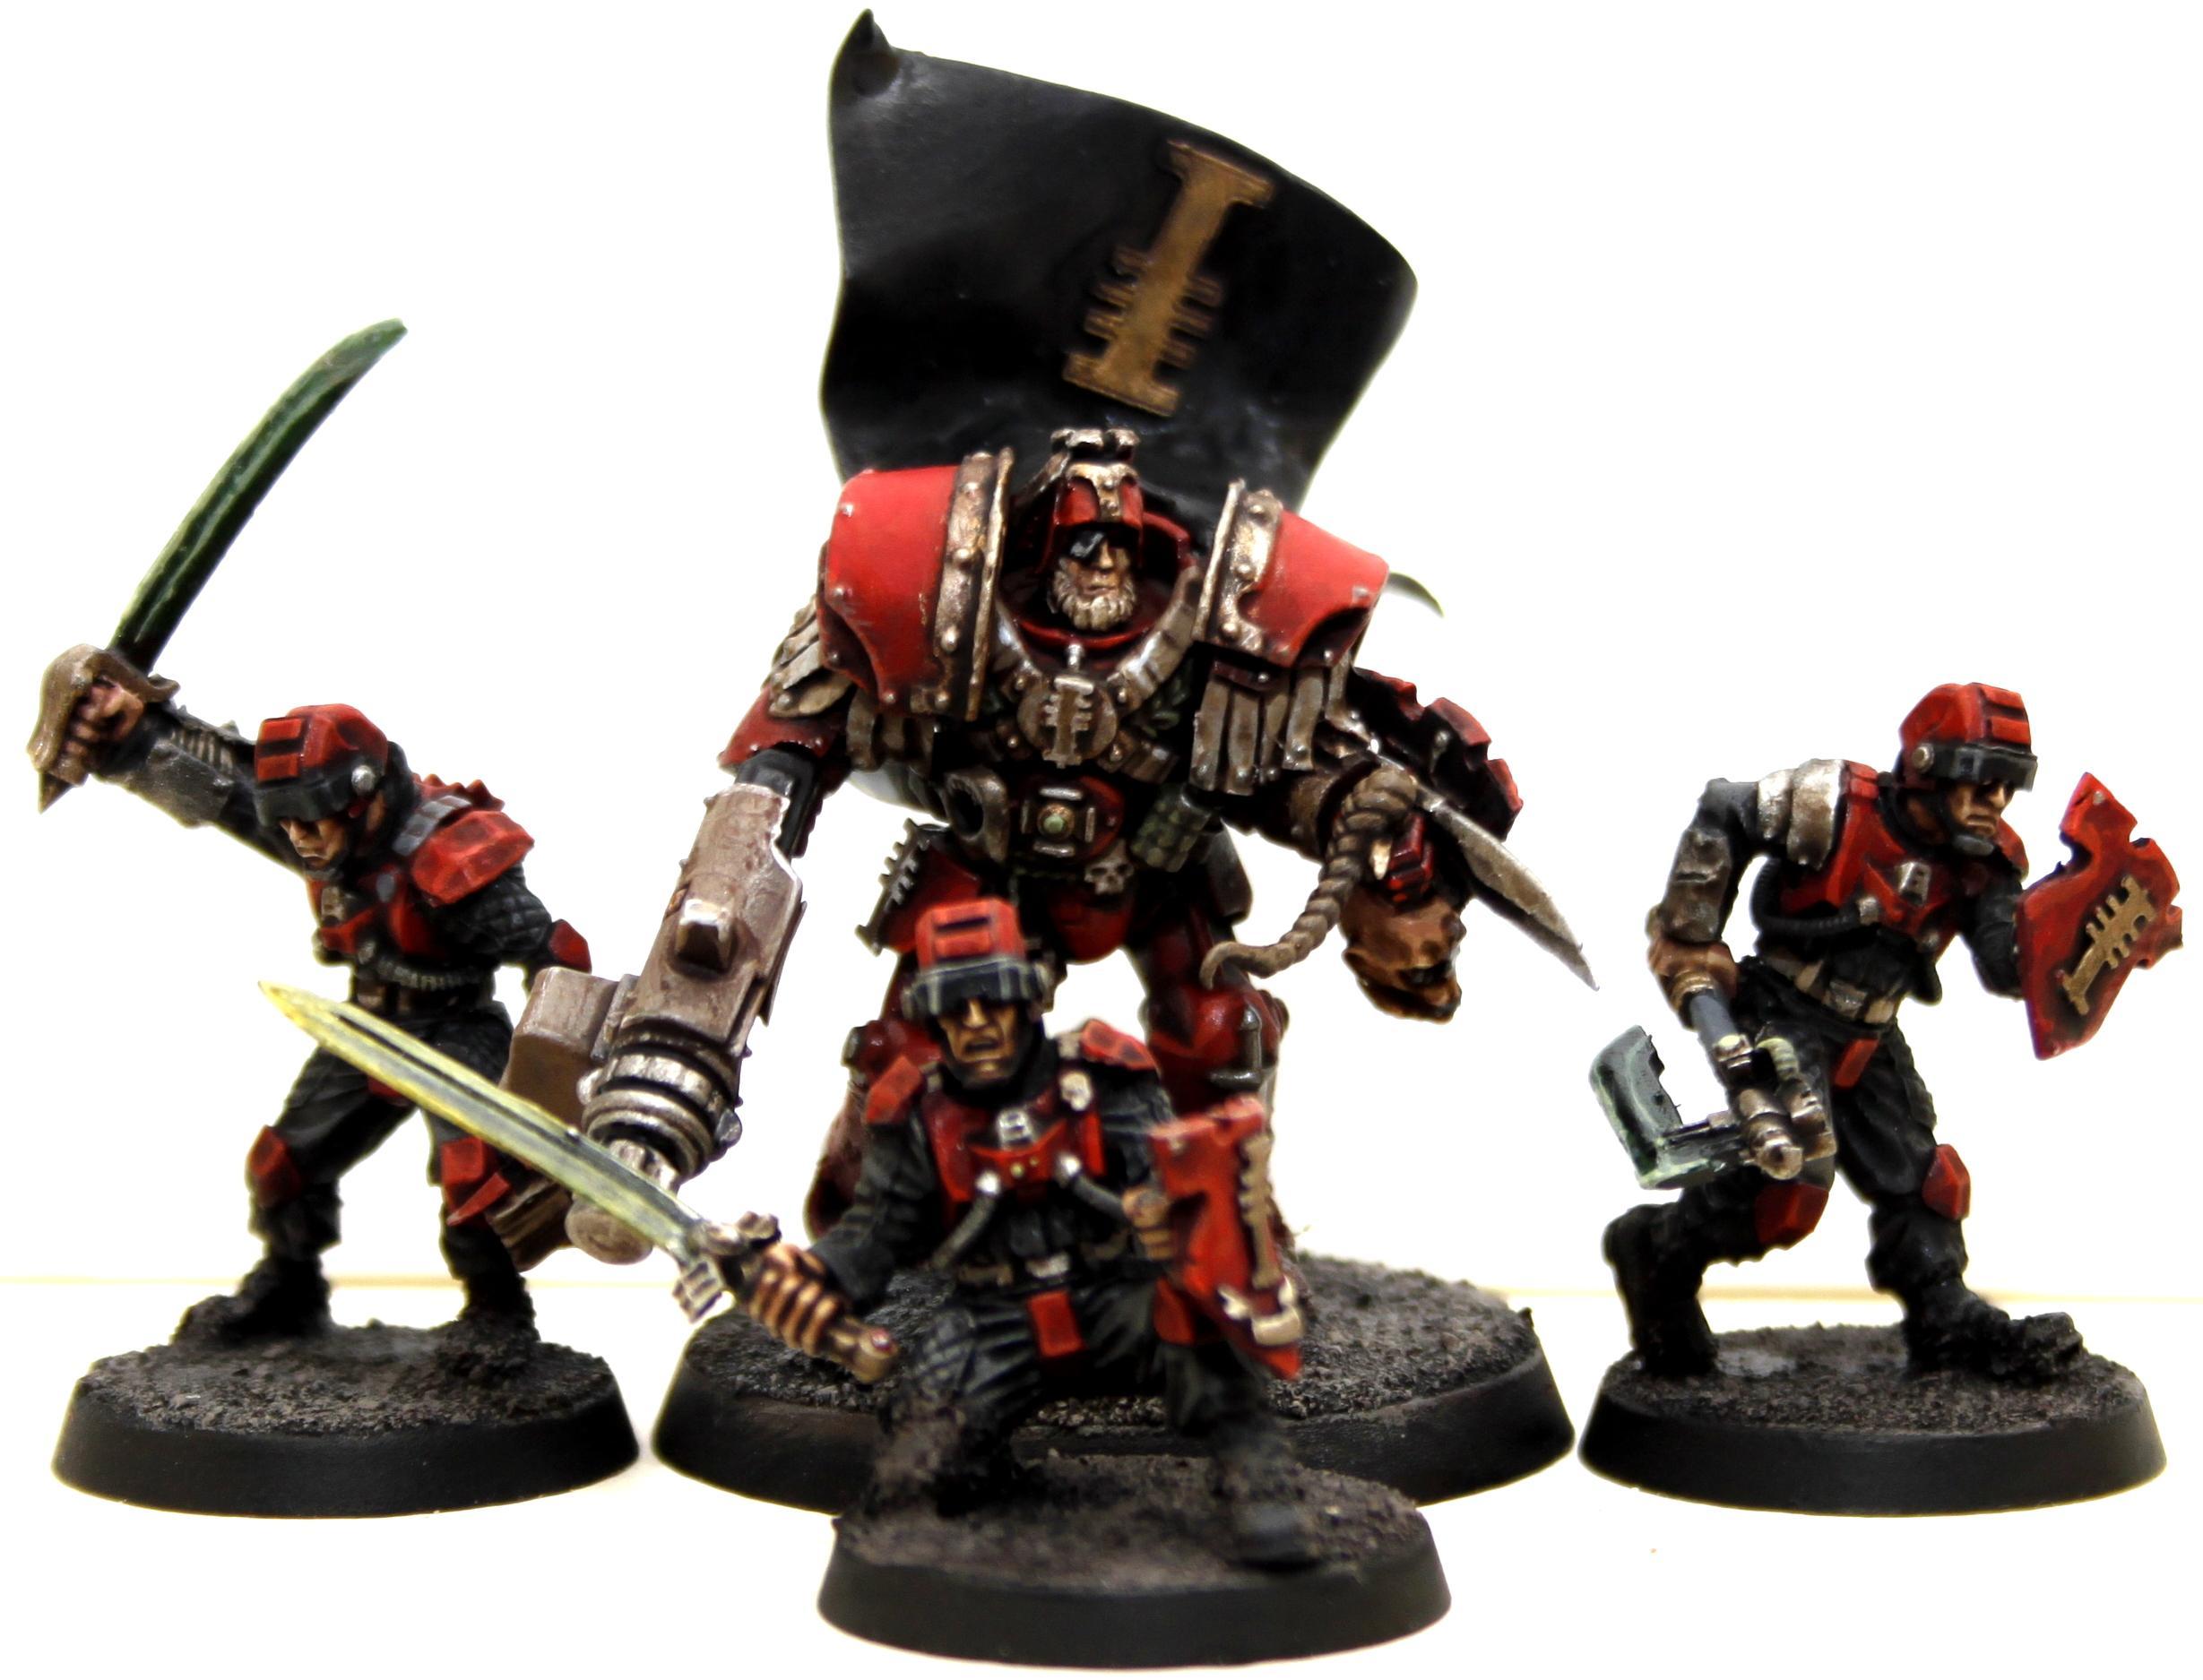 Inquisitor, Malleus, Ordos, Terminator Armor